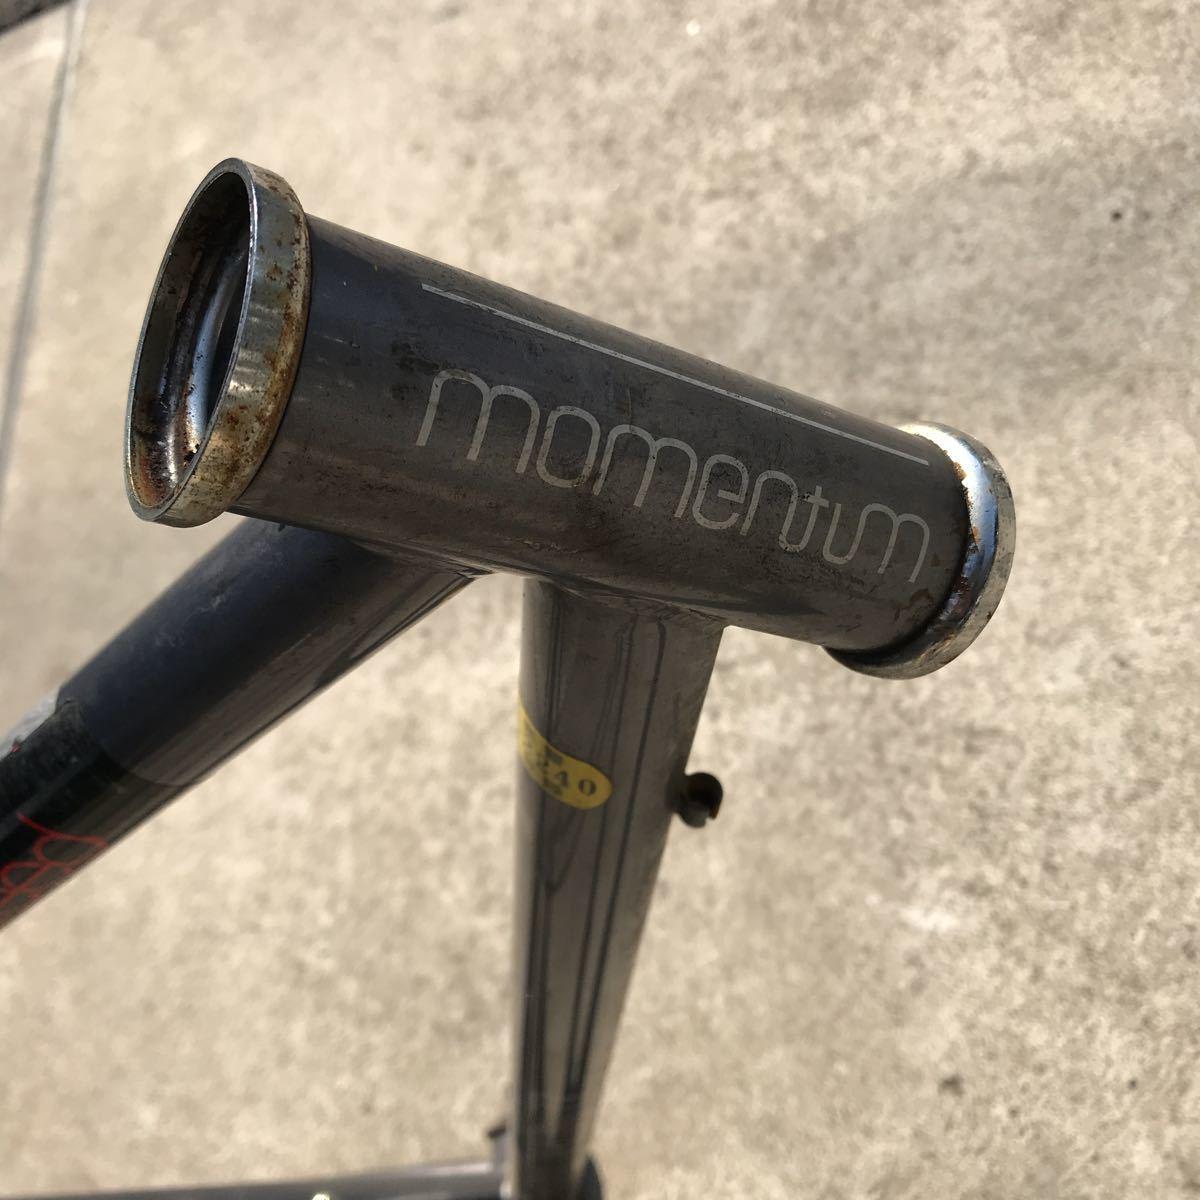 momentum モーメンタム クロスバイク フレーム 500mm 700×28c ジャイアント 中古 28-700_画像6